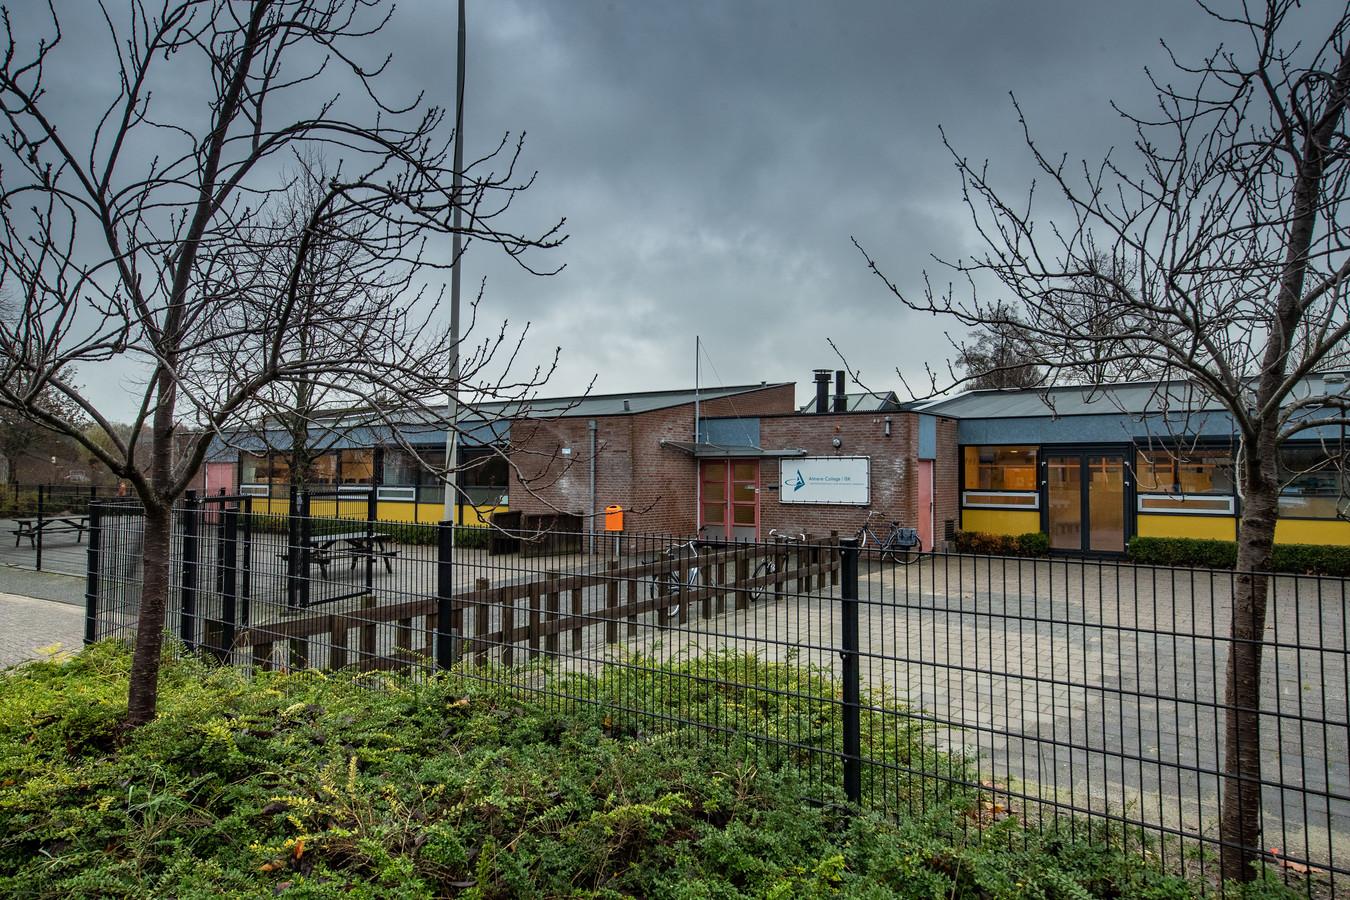 De internationale school aan de Veenmos in Kampen.